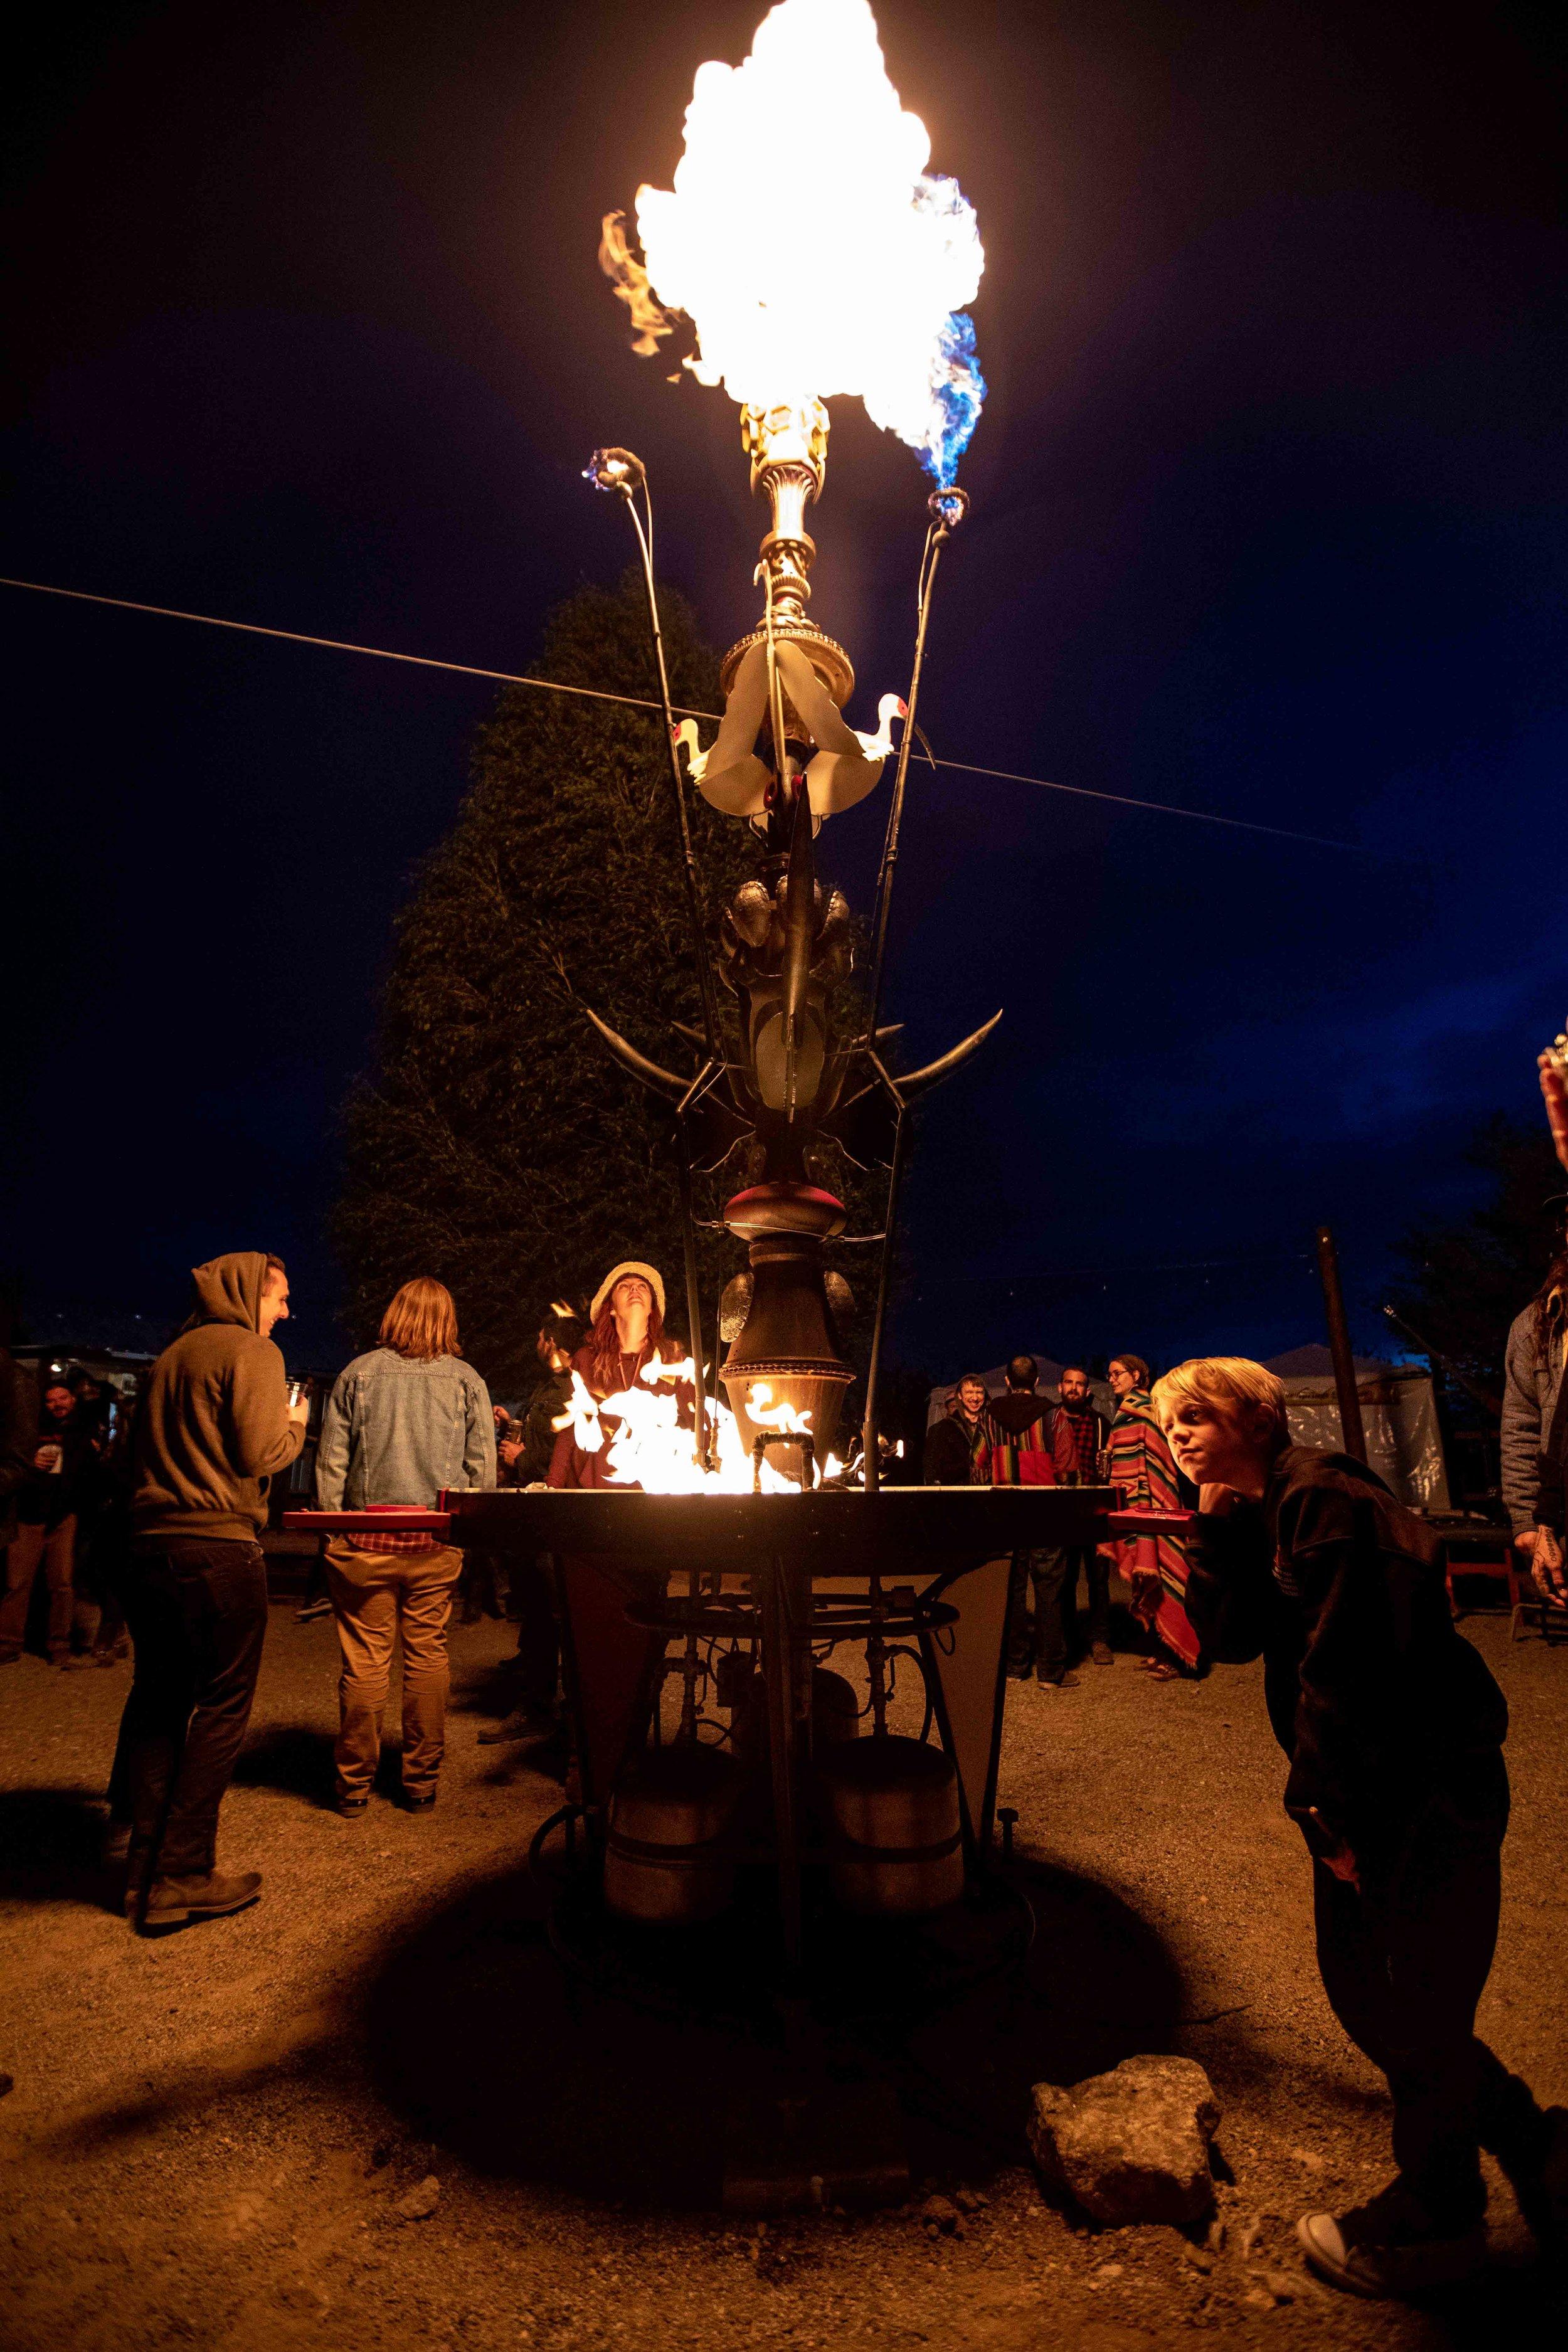 FireSculpture_Monolith2019-2.jpg